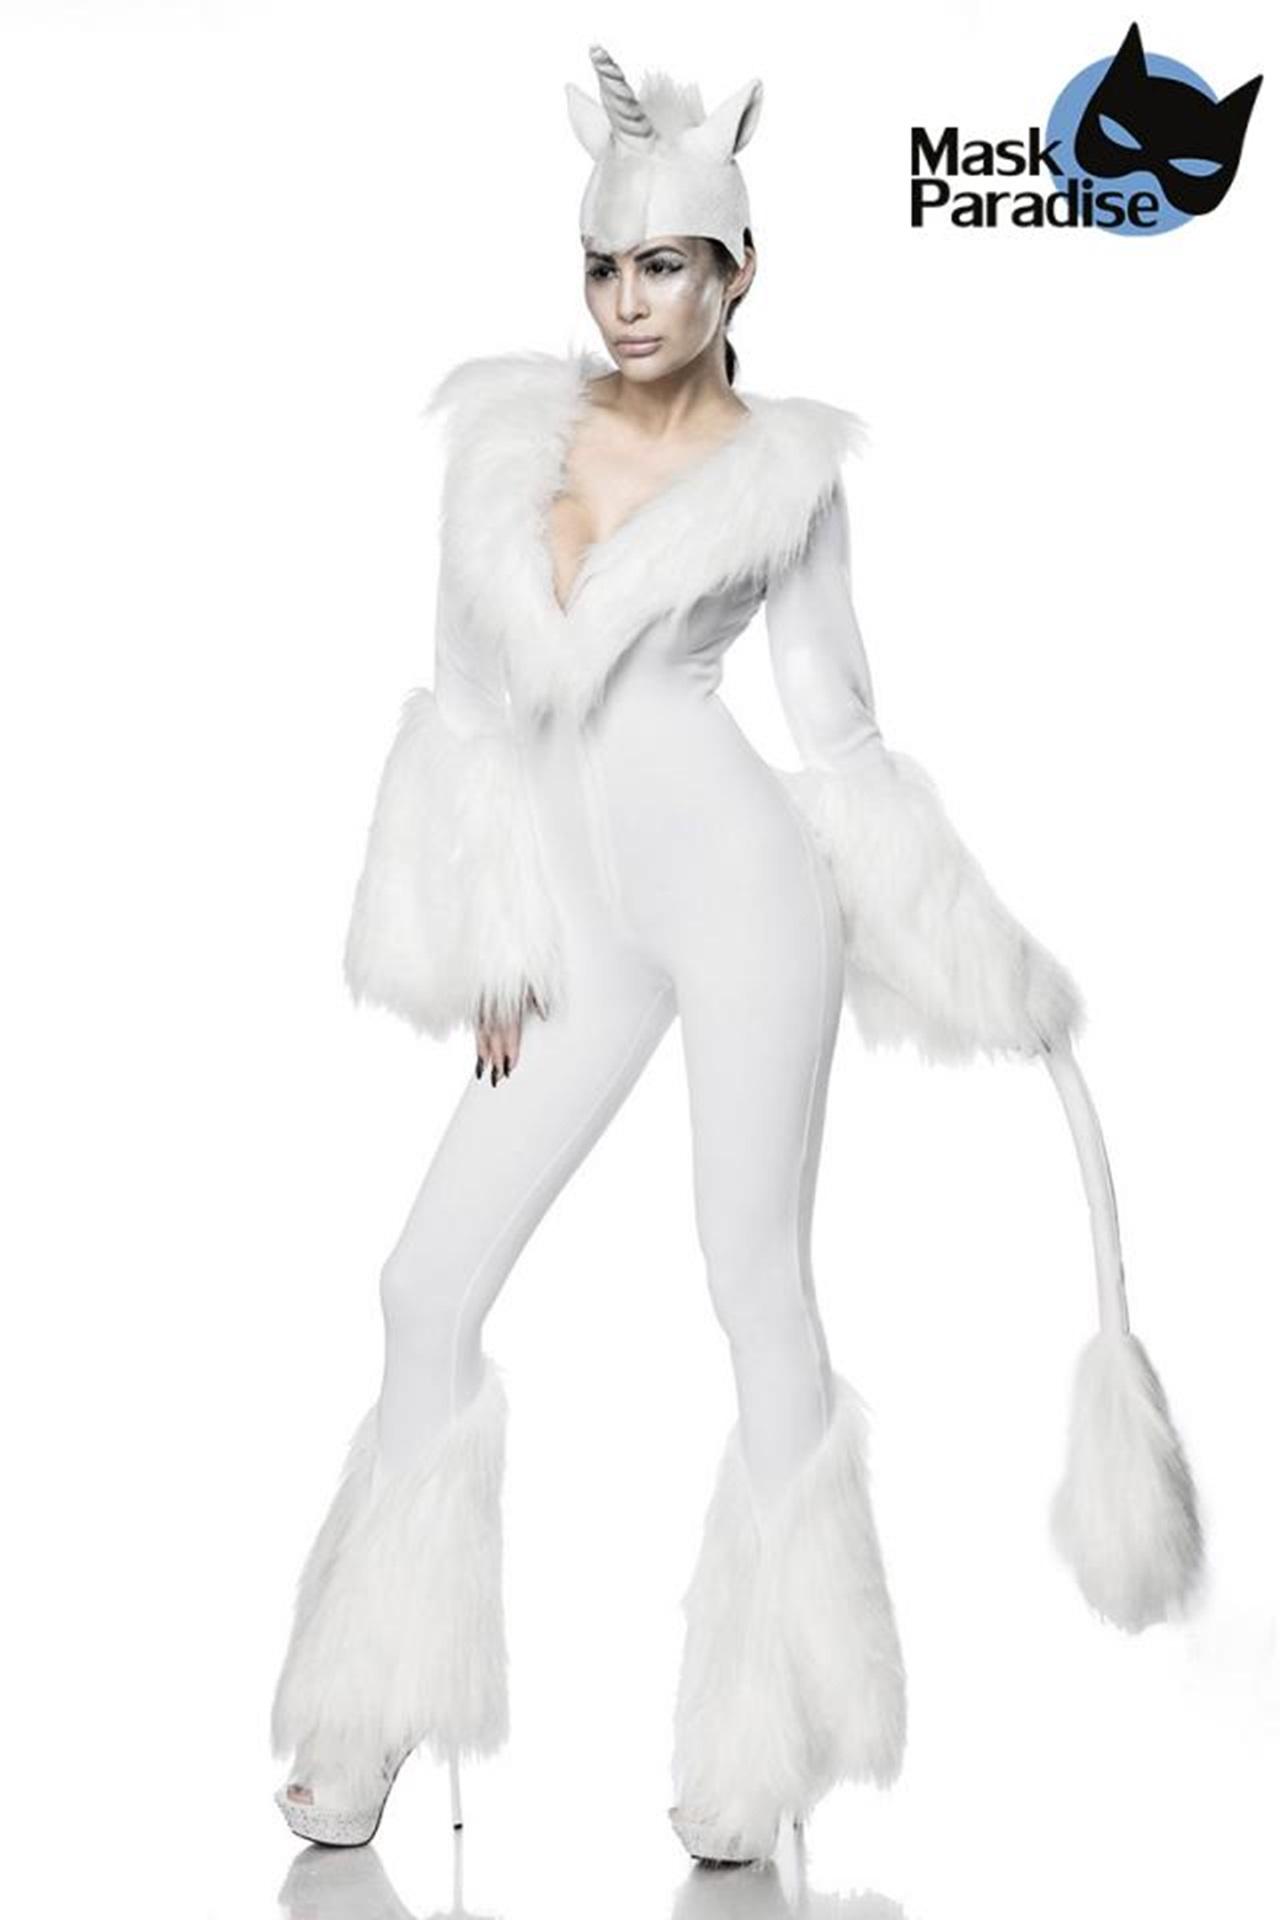 80059 Einhornkostüm White Unicorn von MASK PARADISE